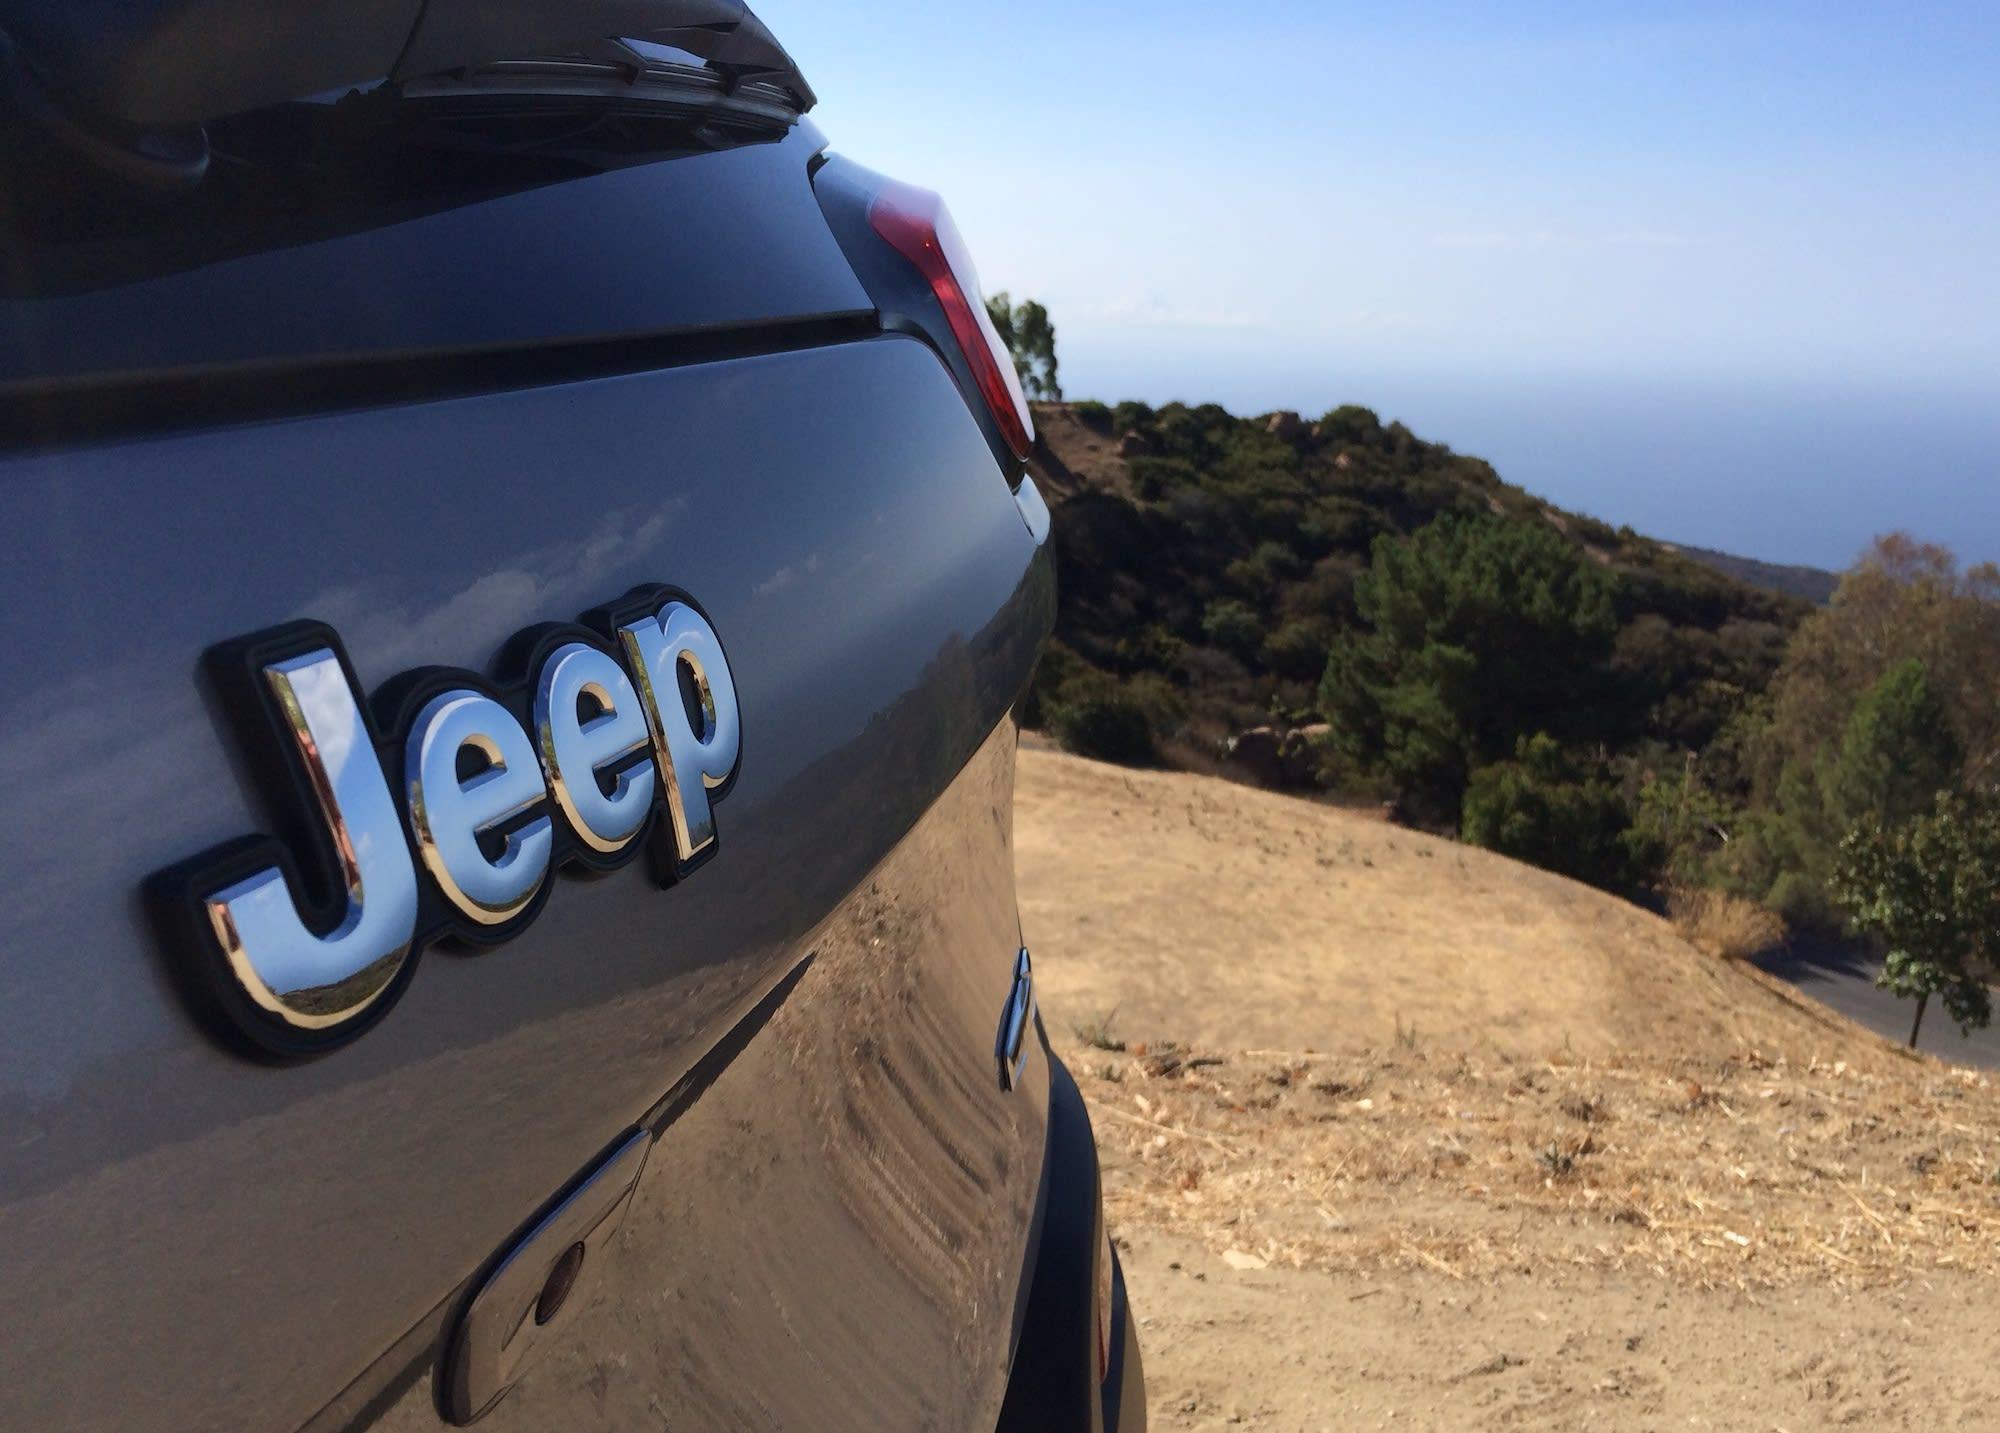 Jeep Cherokee Jeep badge view